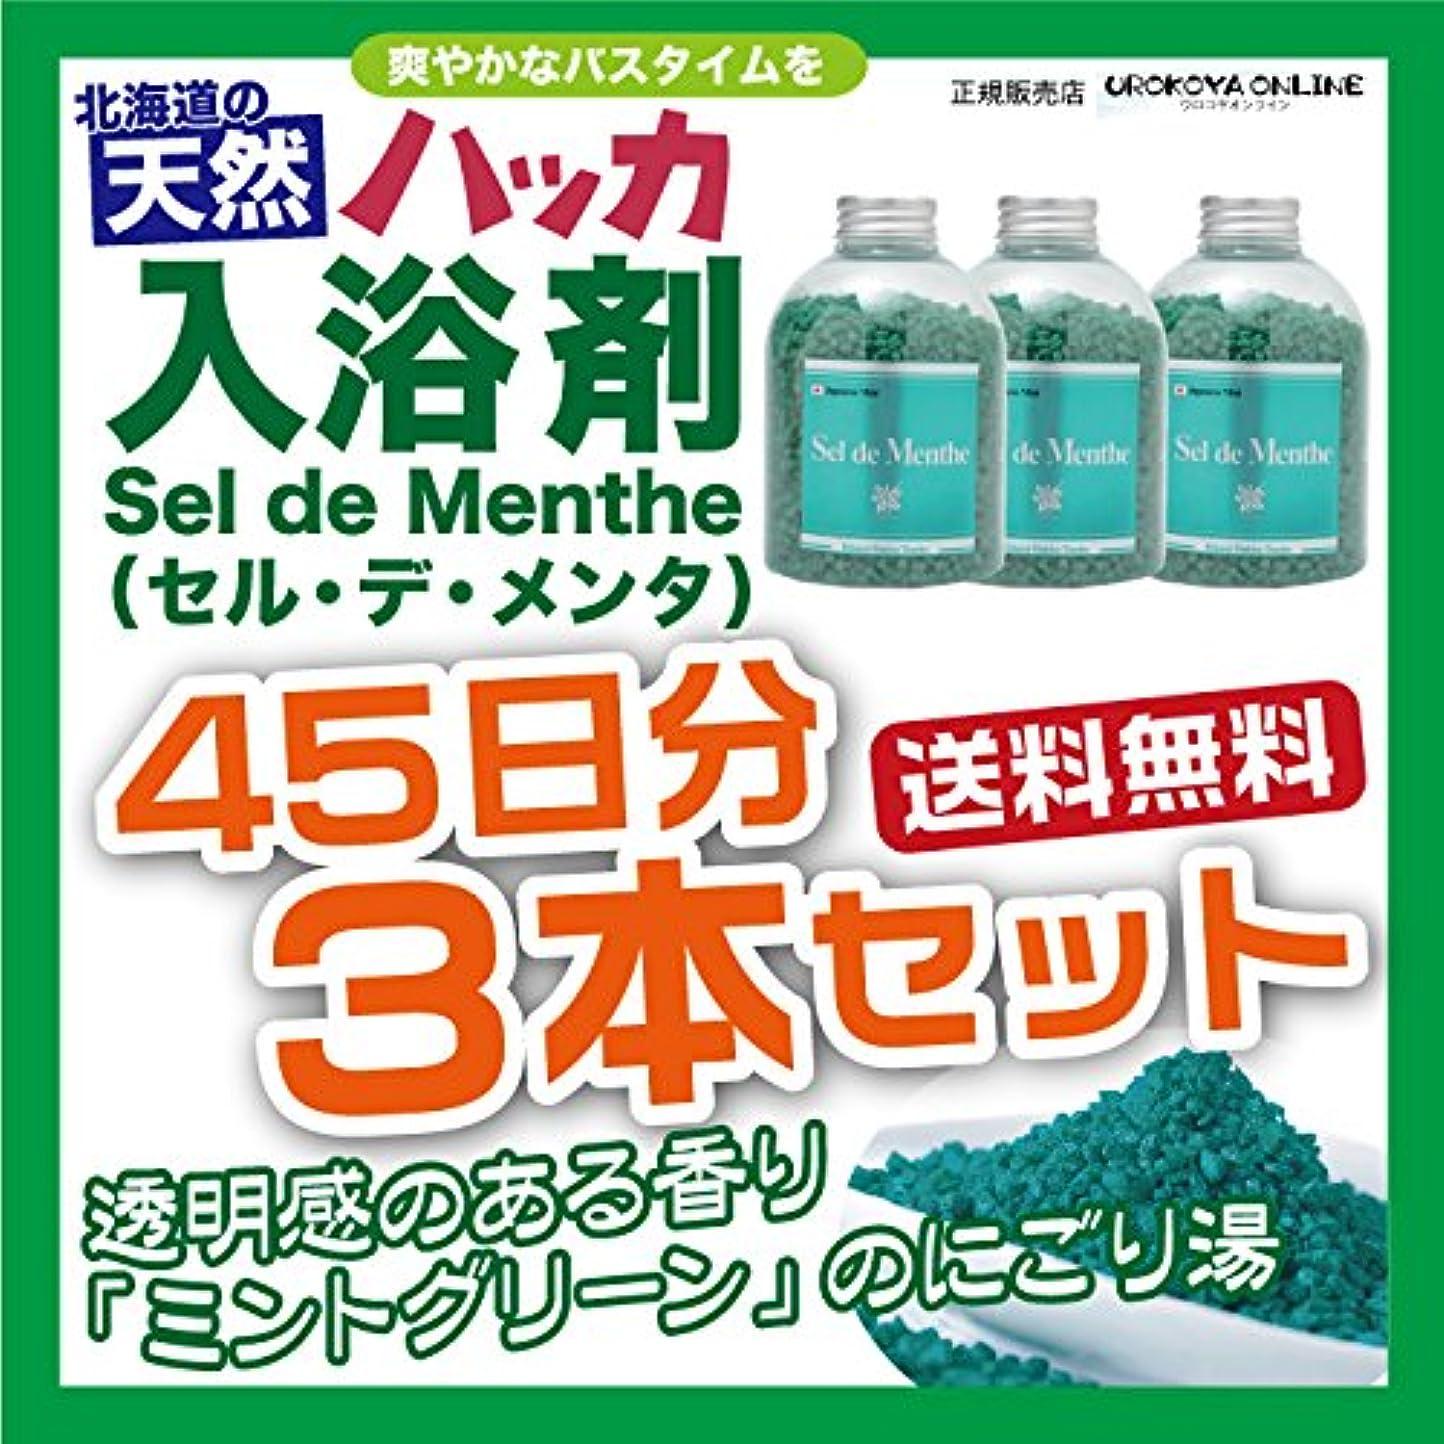 シロナガスクジラ等々回転【3本セット】北見ハッカ通商 入浴剤Sel de Menthe(セル?デ?メンタ)徳用ボトル 3本セット 1350g